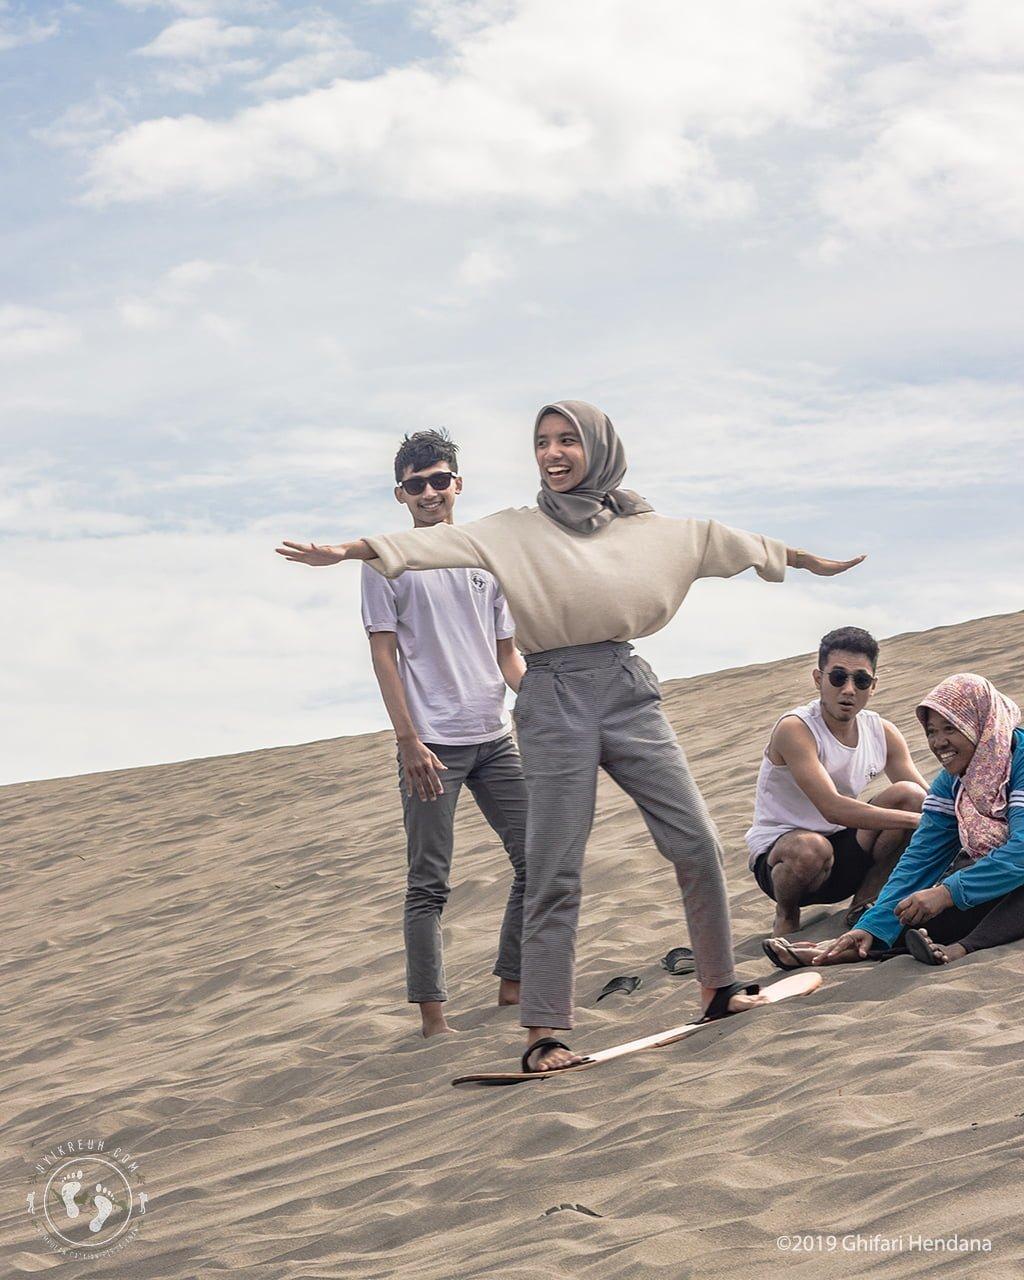 Belajar Sandboarding dengan Pemandu Lokal